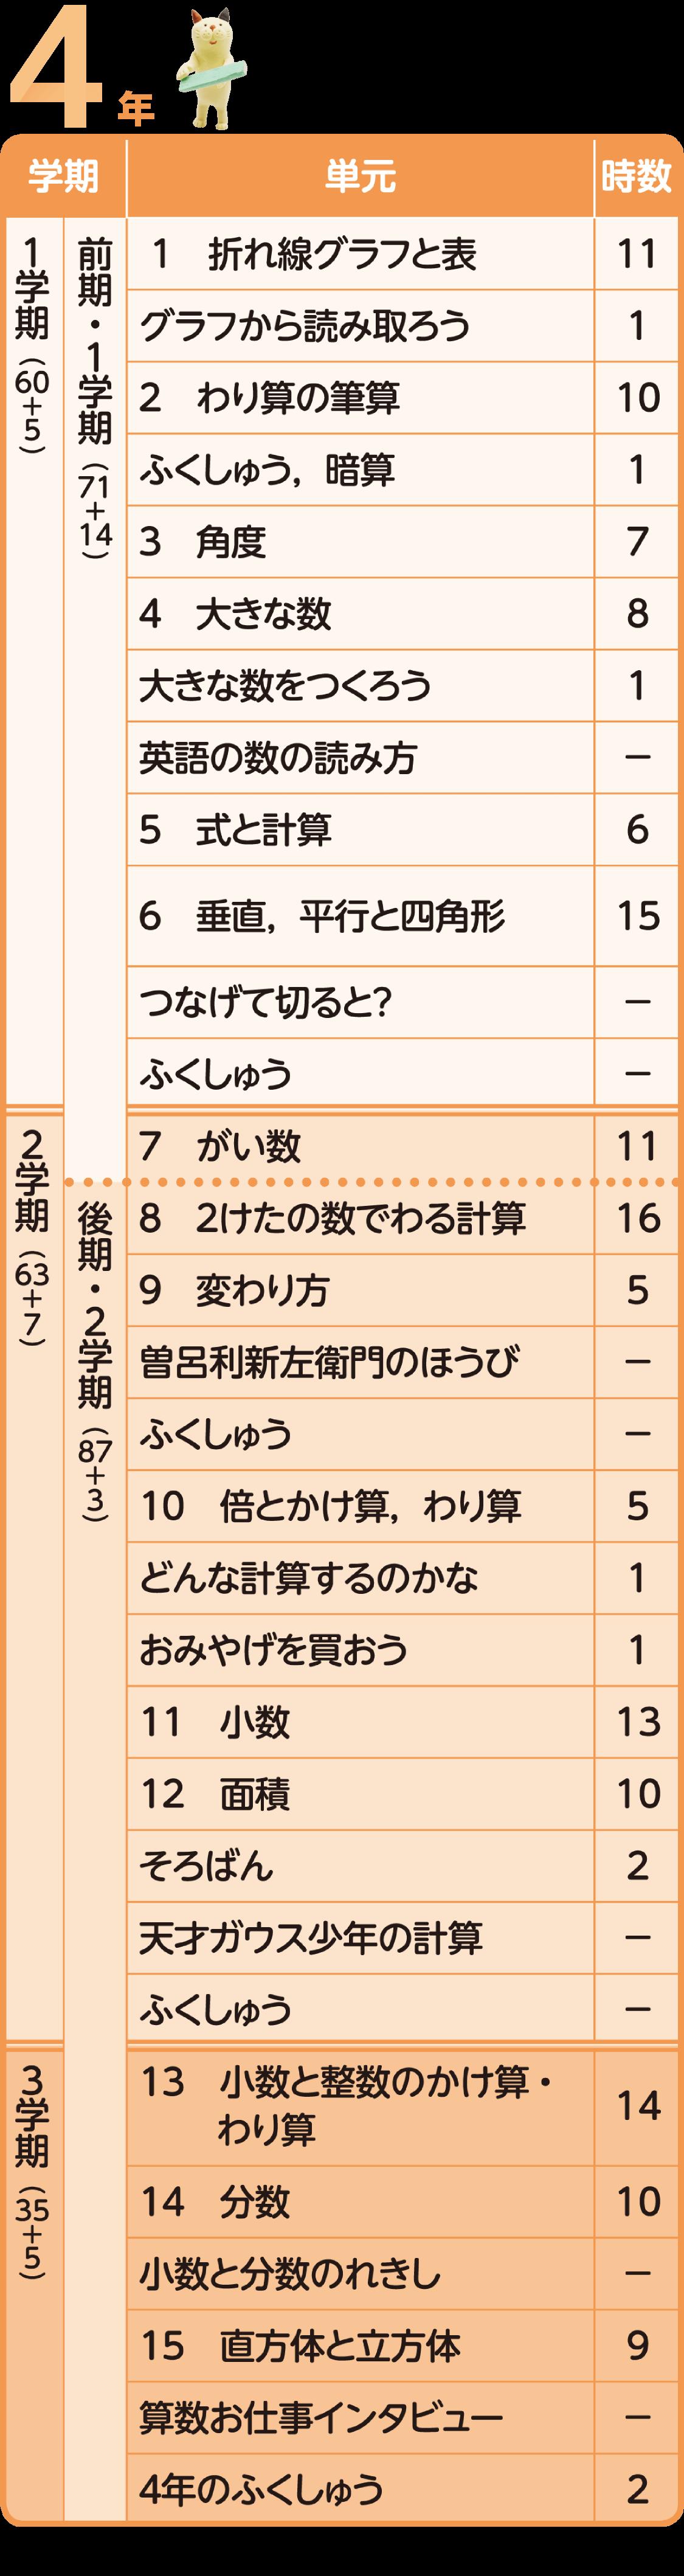 年間 指導 計画 書籍 算数 東京 東京書籍算数年間指導計画平成31年度